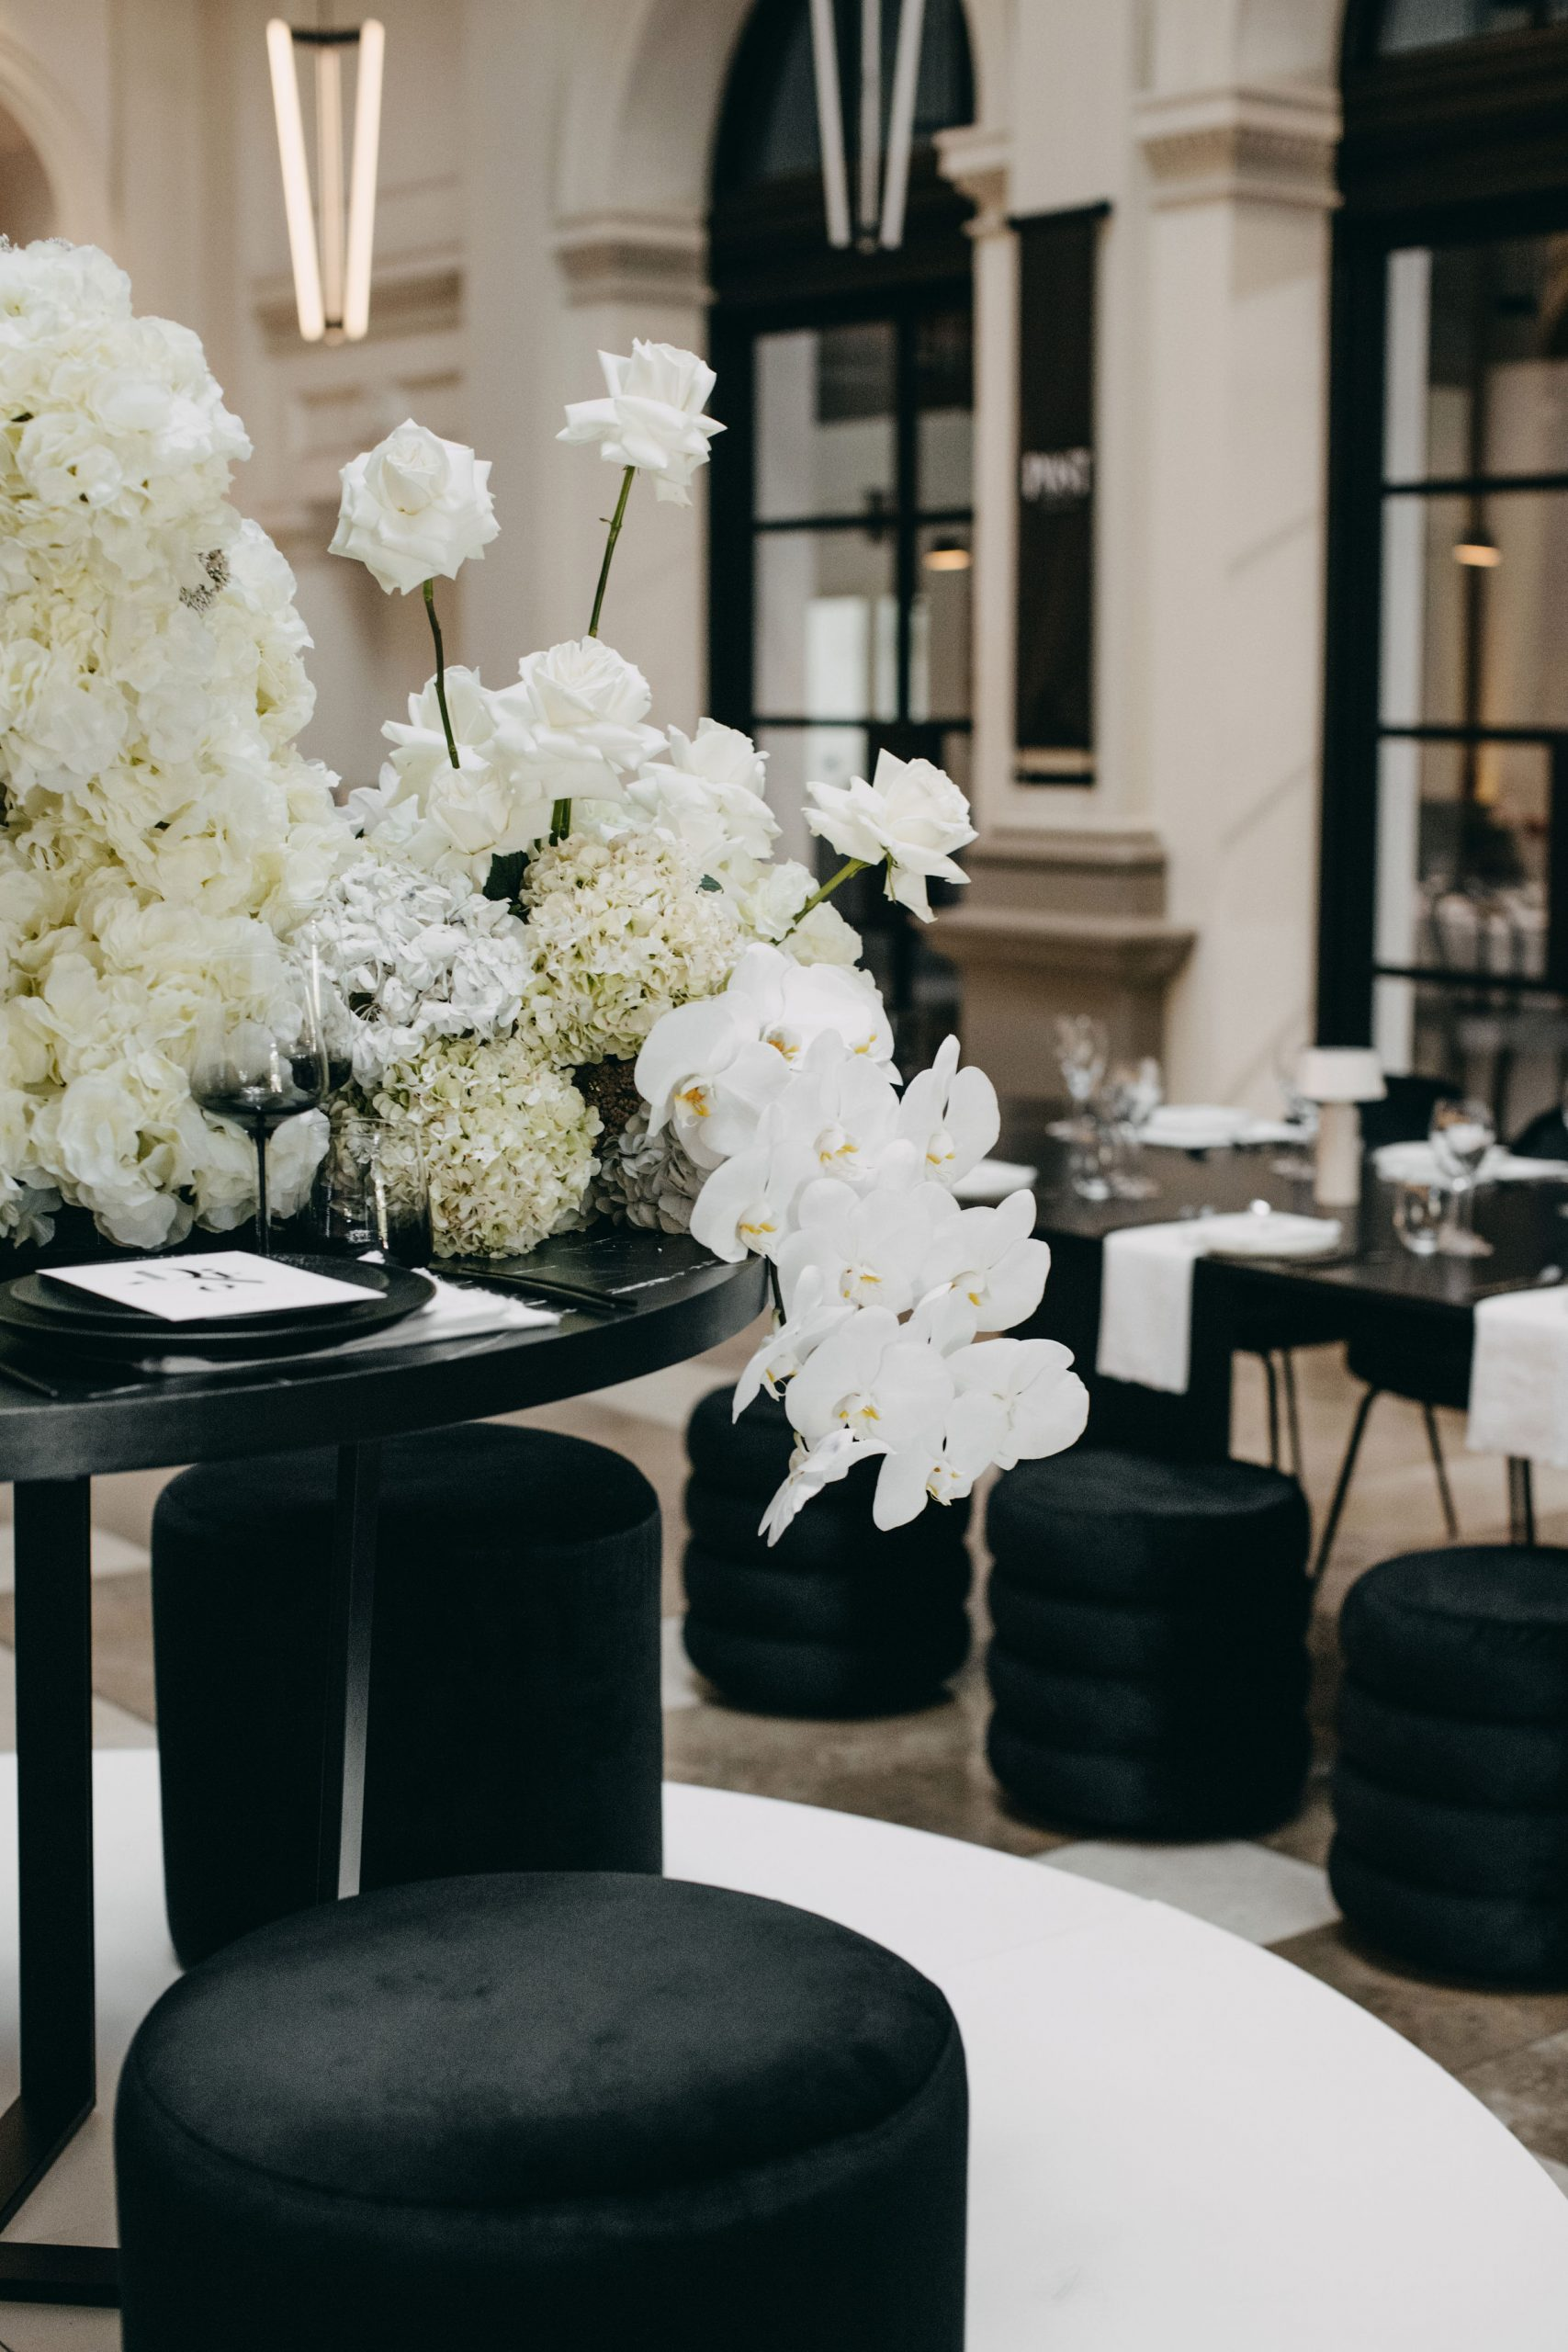 207-WEDDINGOPENDAY-THESTATEBUILDINGS-21FEB2021